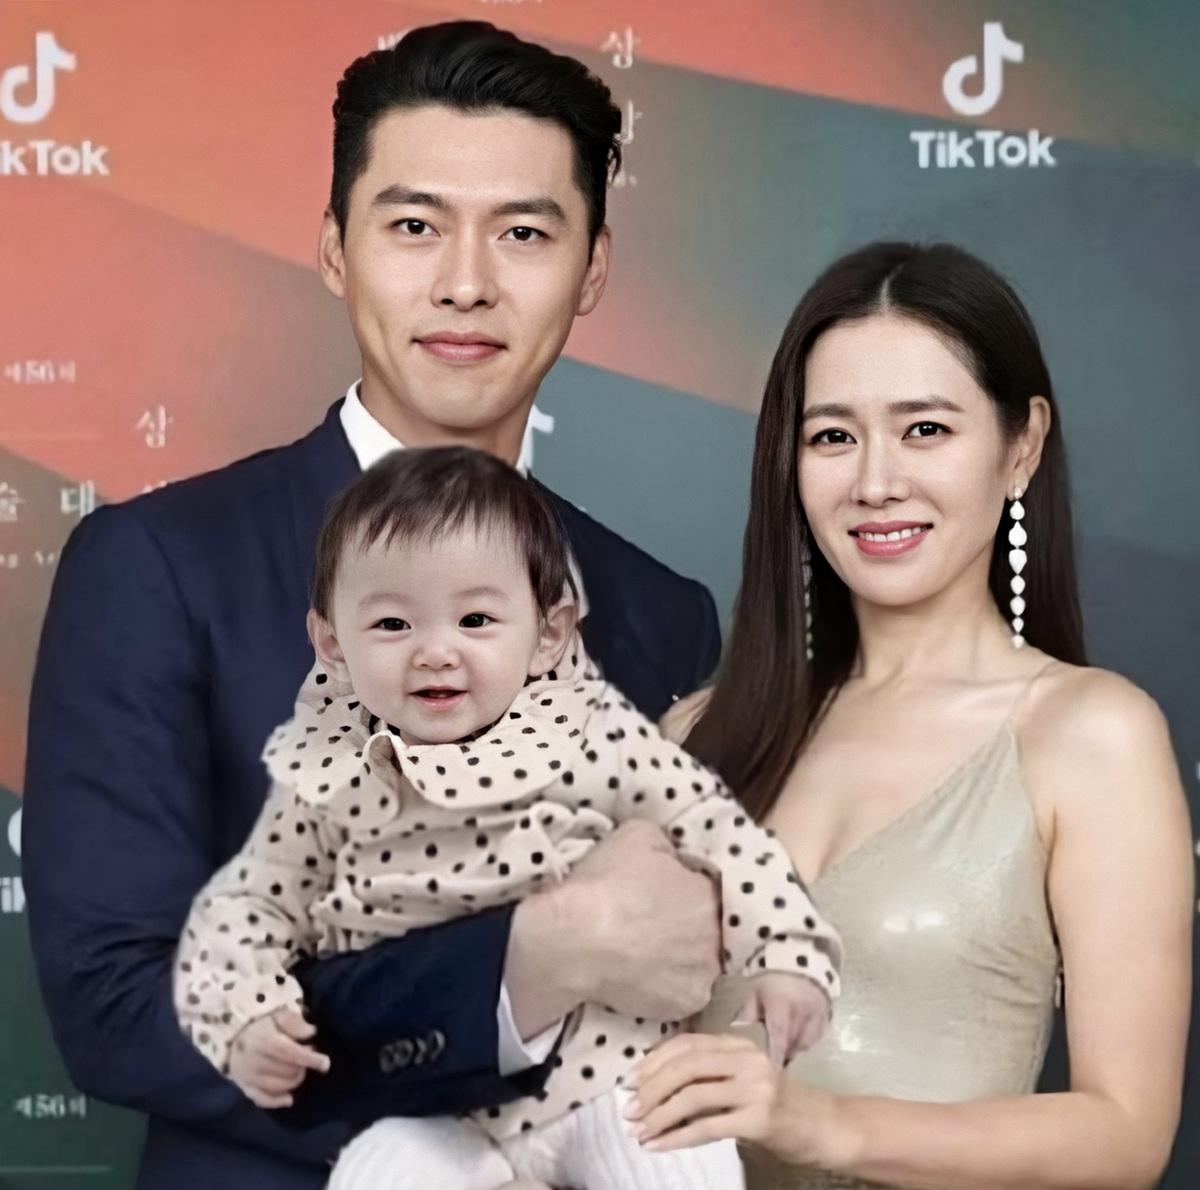 Dự đoán chân dung con của Hyun Bin - Son Ye Jin: Đúng là em bé của cặp đôi đẹp nhất Kbiz! - Ảnh 3.